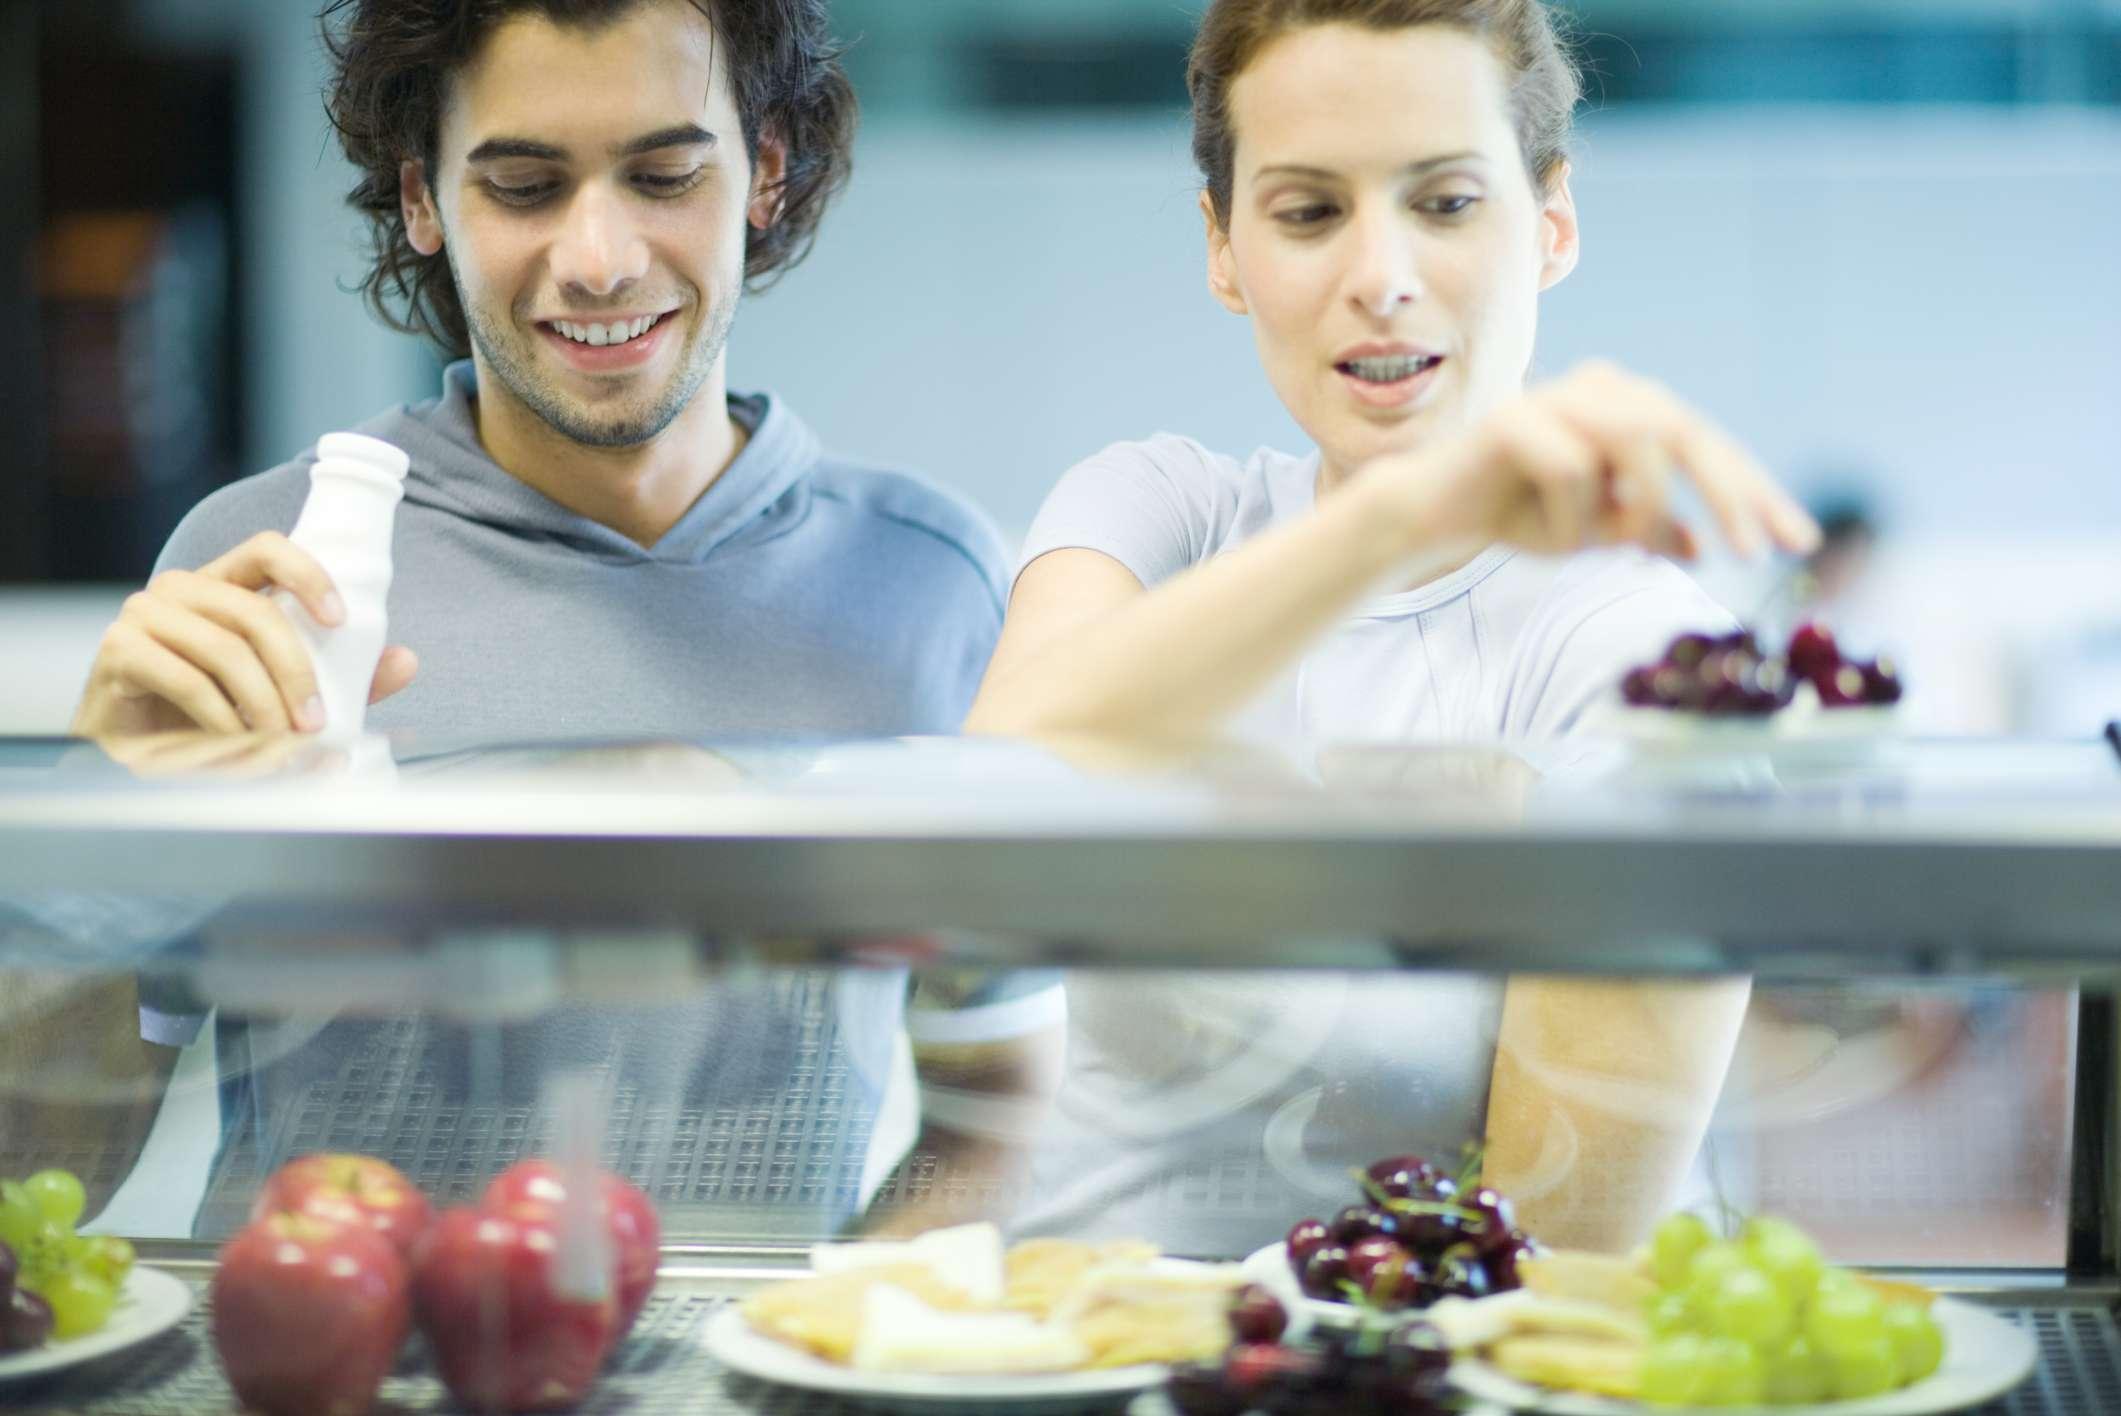 Estudiantes universitarios que eligen alimentos saludables.